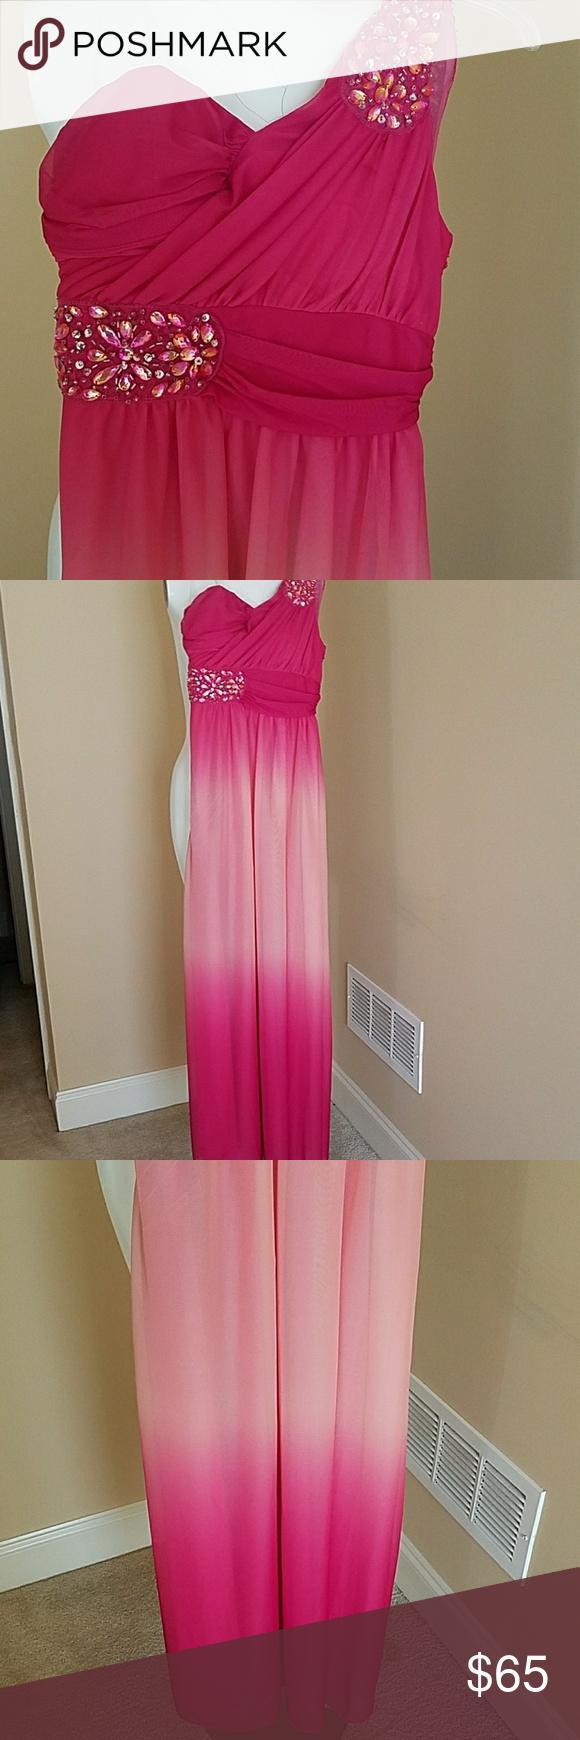 B Smart Prom Dress My Posh Picks Pinterest